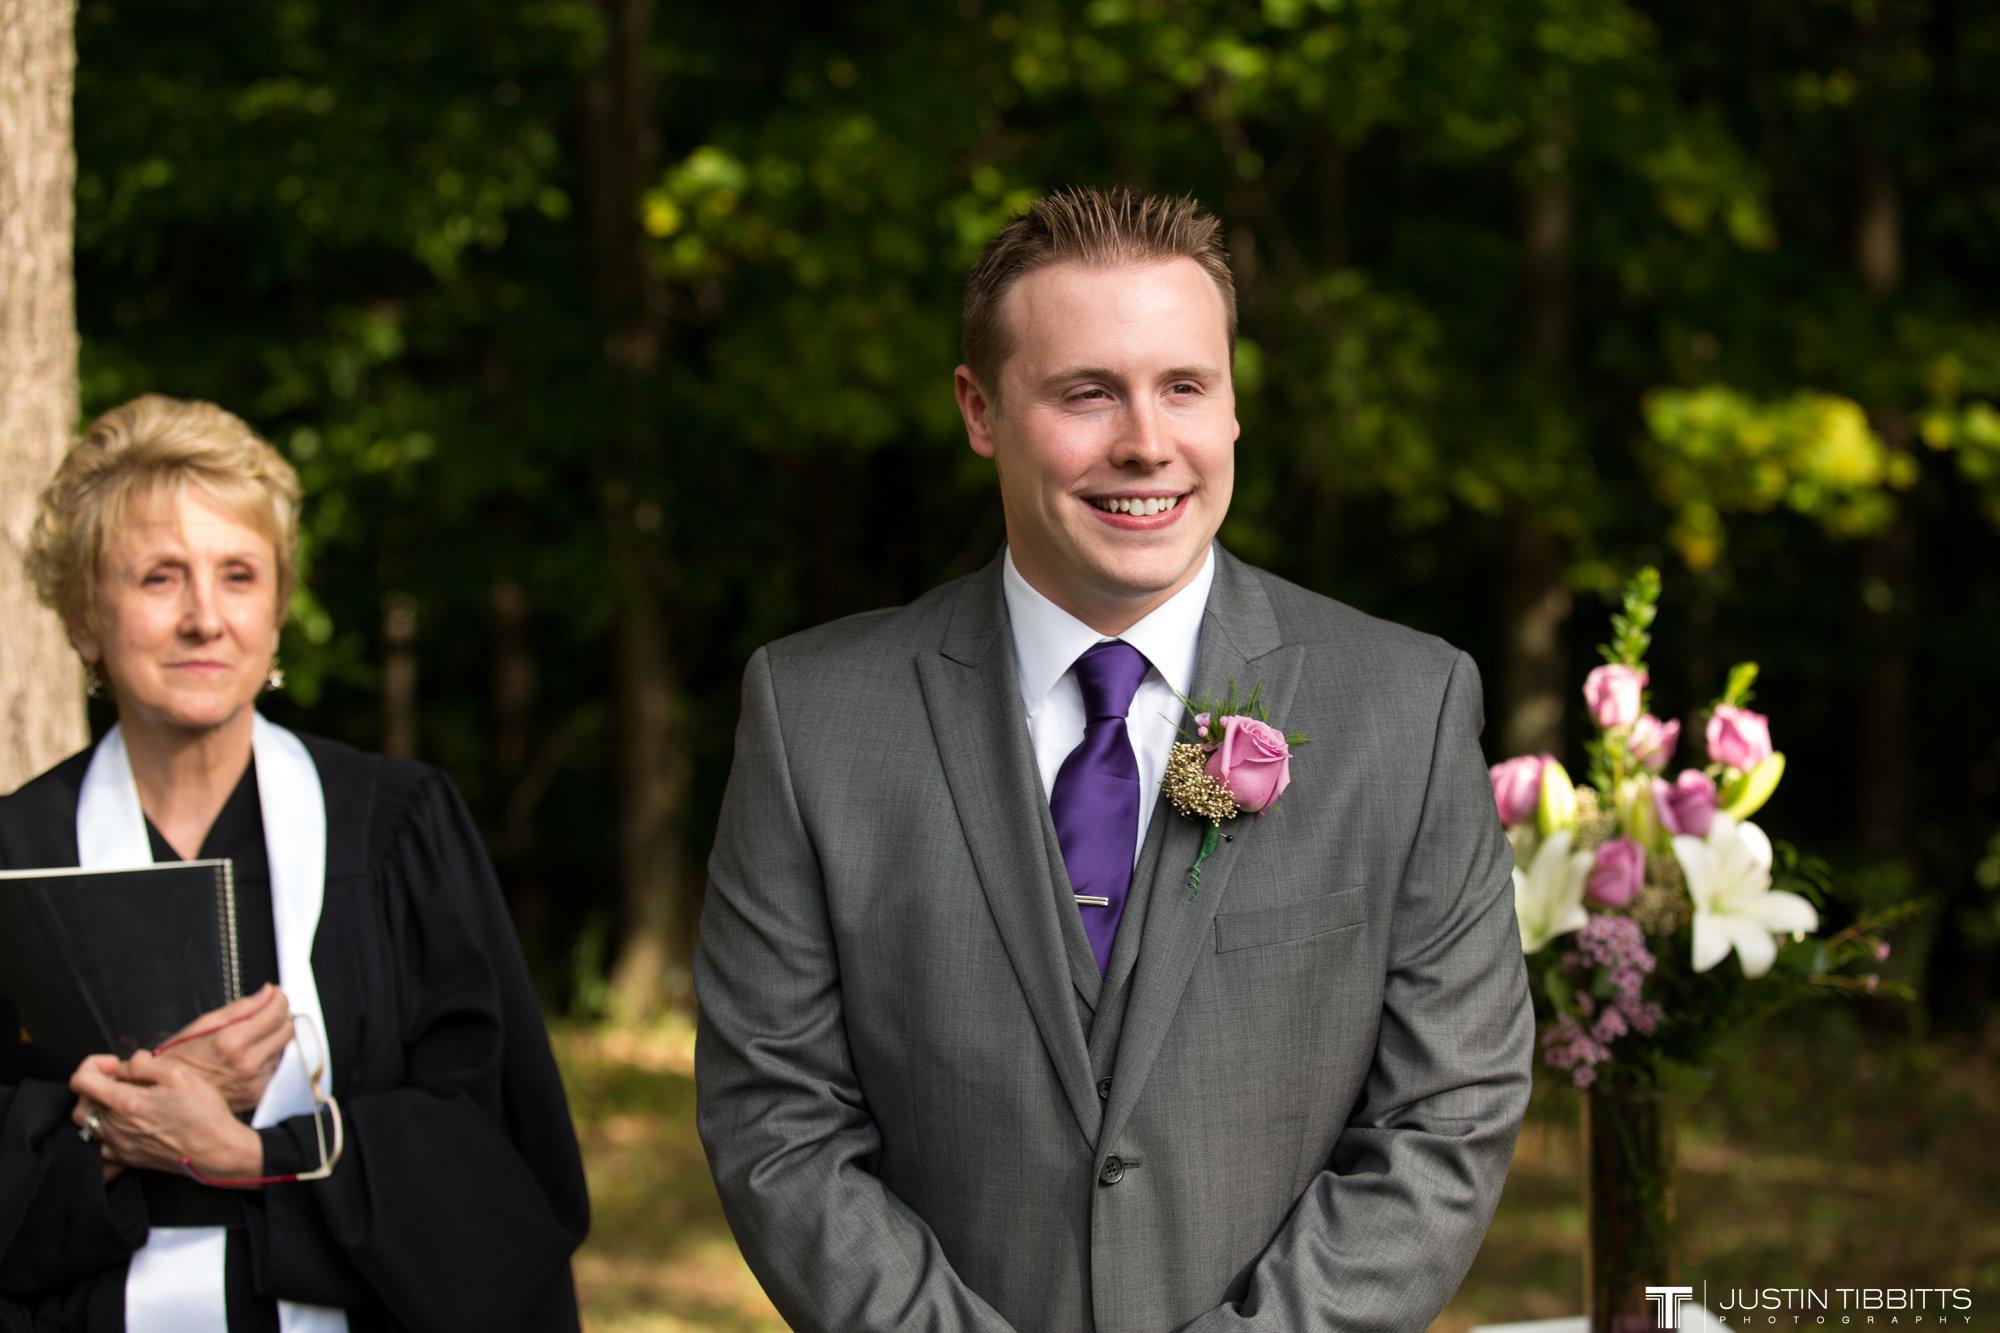 Justin Tibbitts Photography Rob and Brittany's Averill Park, NY Wedding_0371